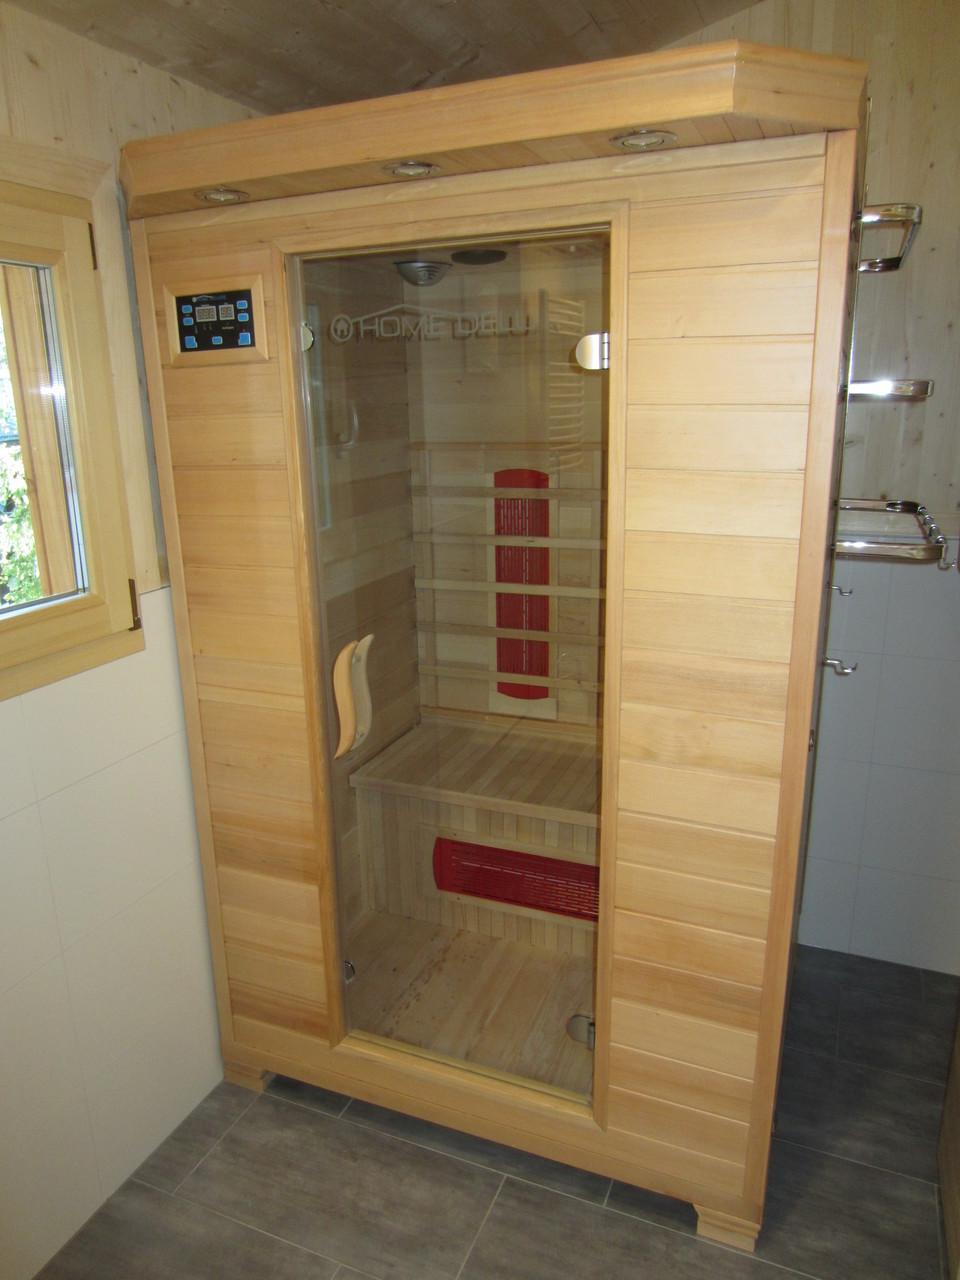 Infrarotkabine/-Sauna für 2 Personen, schnell aufgeheizt - angenehme und vitalisierende Wirkung